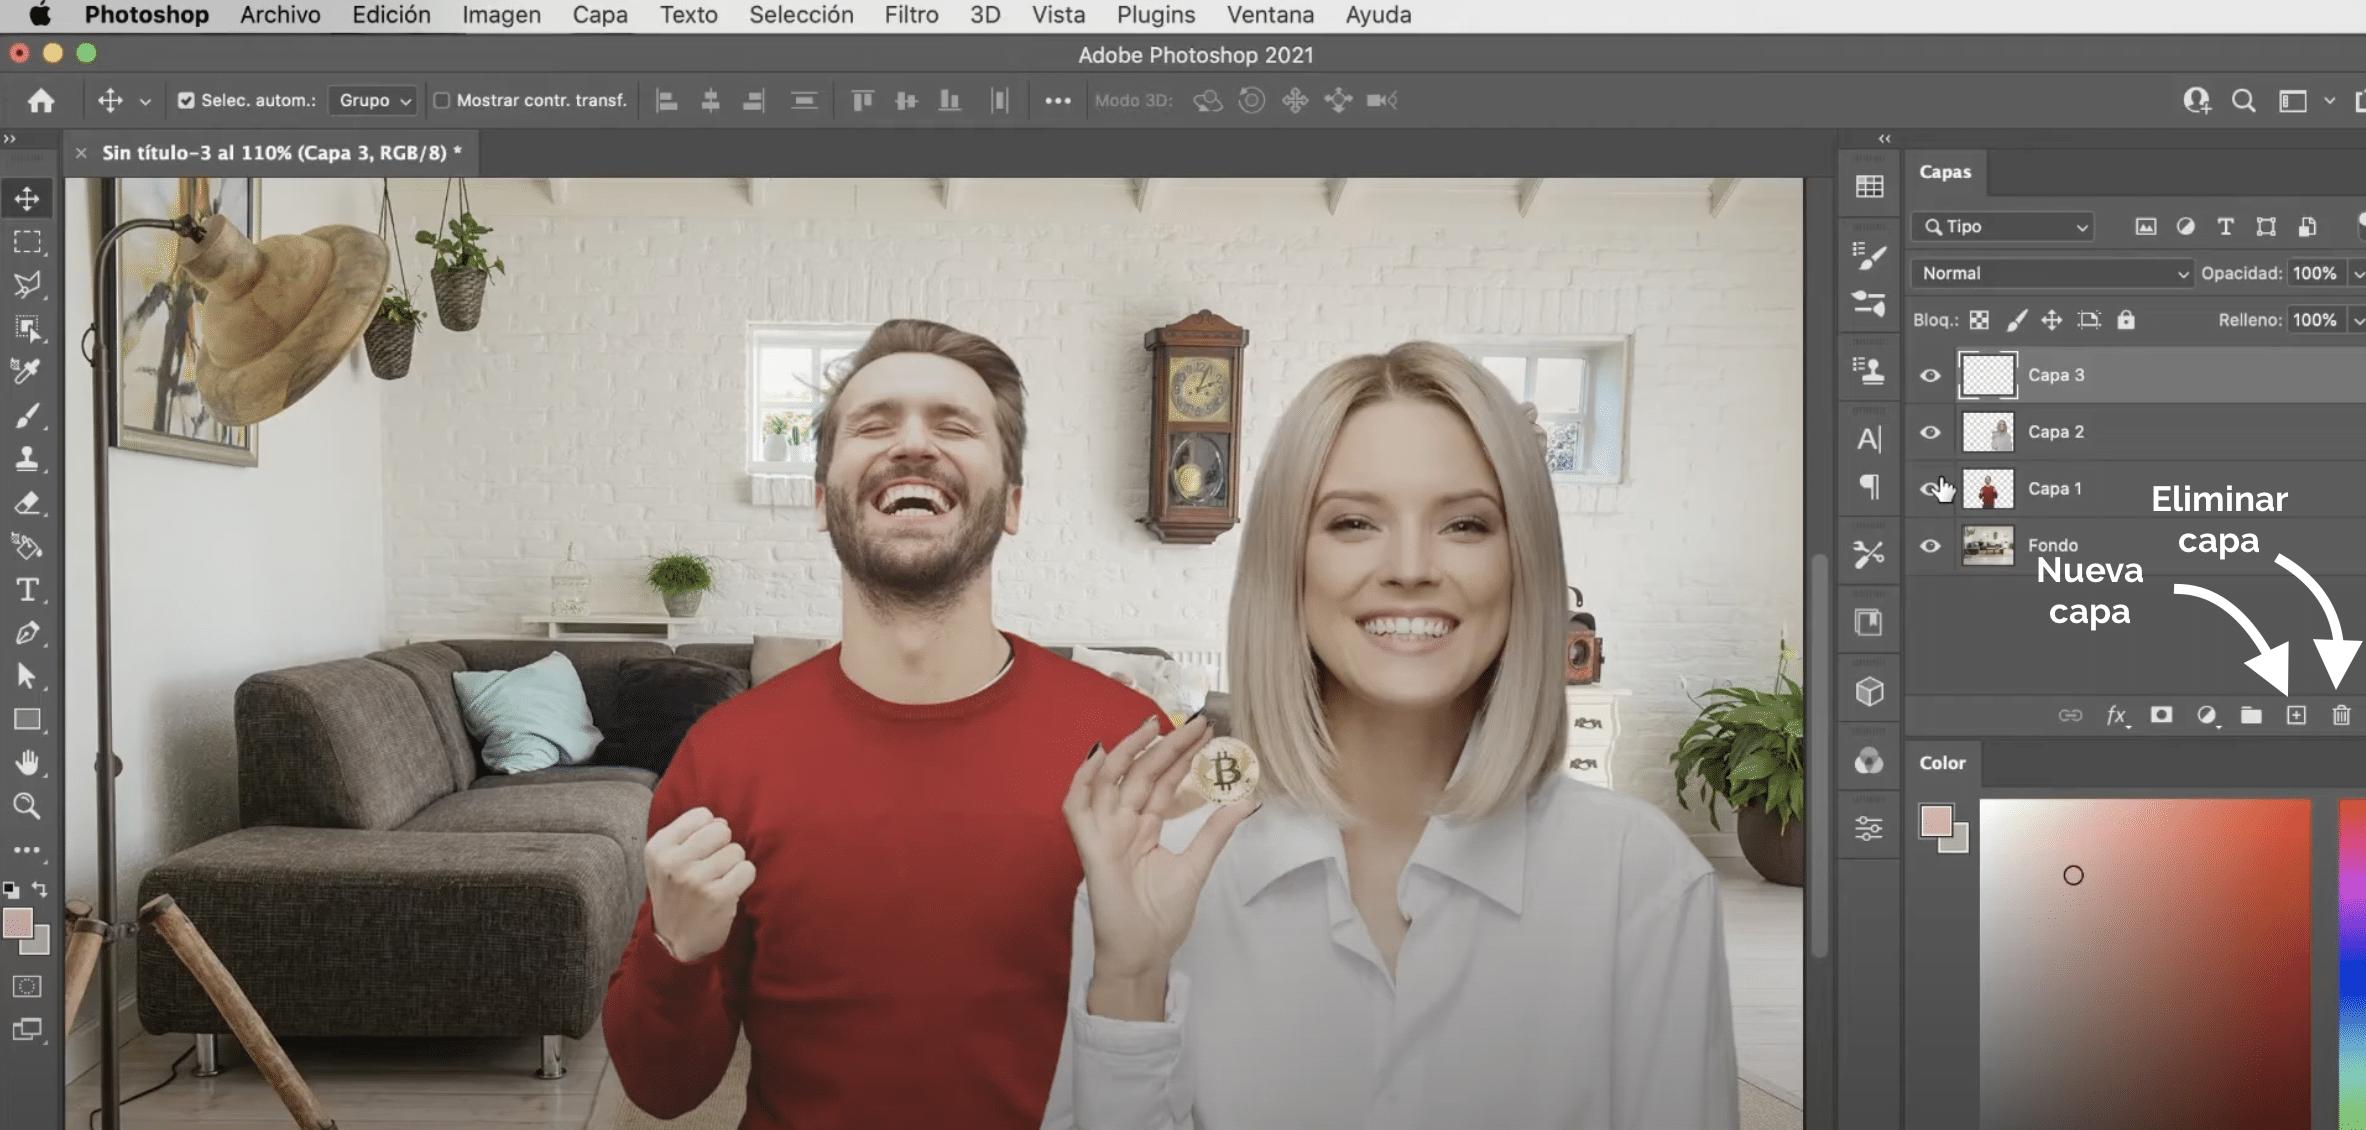 Cómo eliminar, duplicar y crear capas en Adobe Photoshop